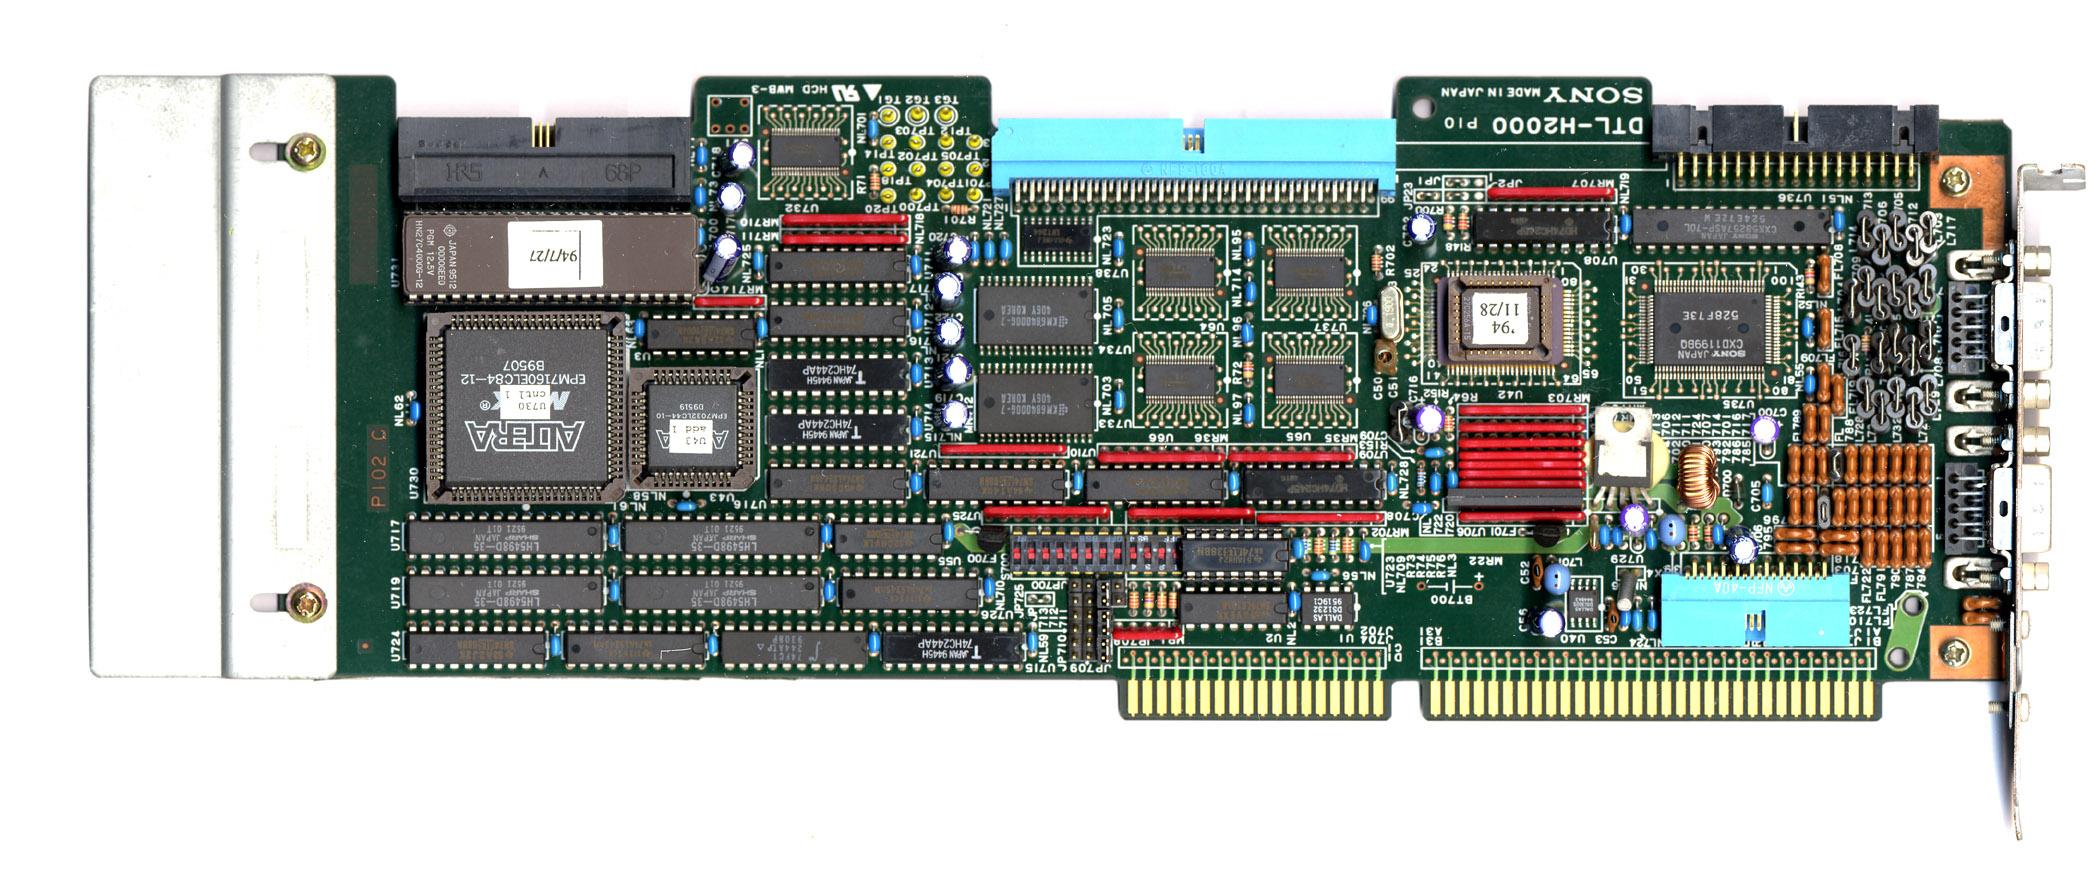 DTL H2000 PIO2 - Odkrywamy historię zestawów deweloperskich PlayStation